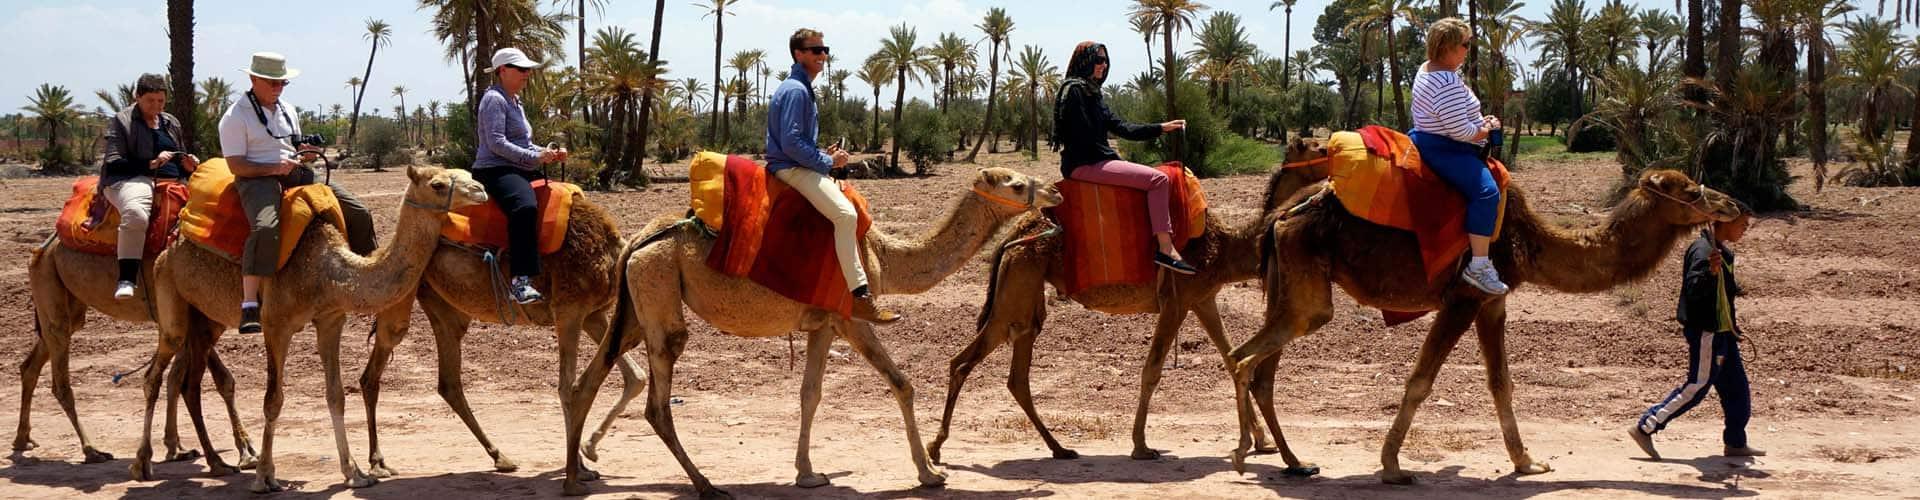 camel trekking Marrakech